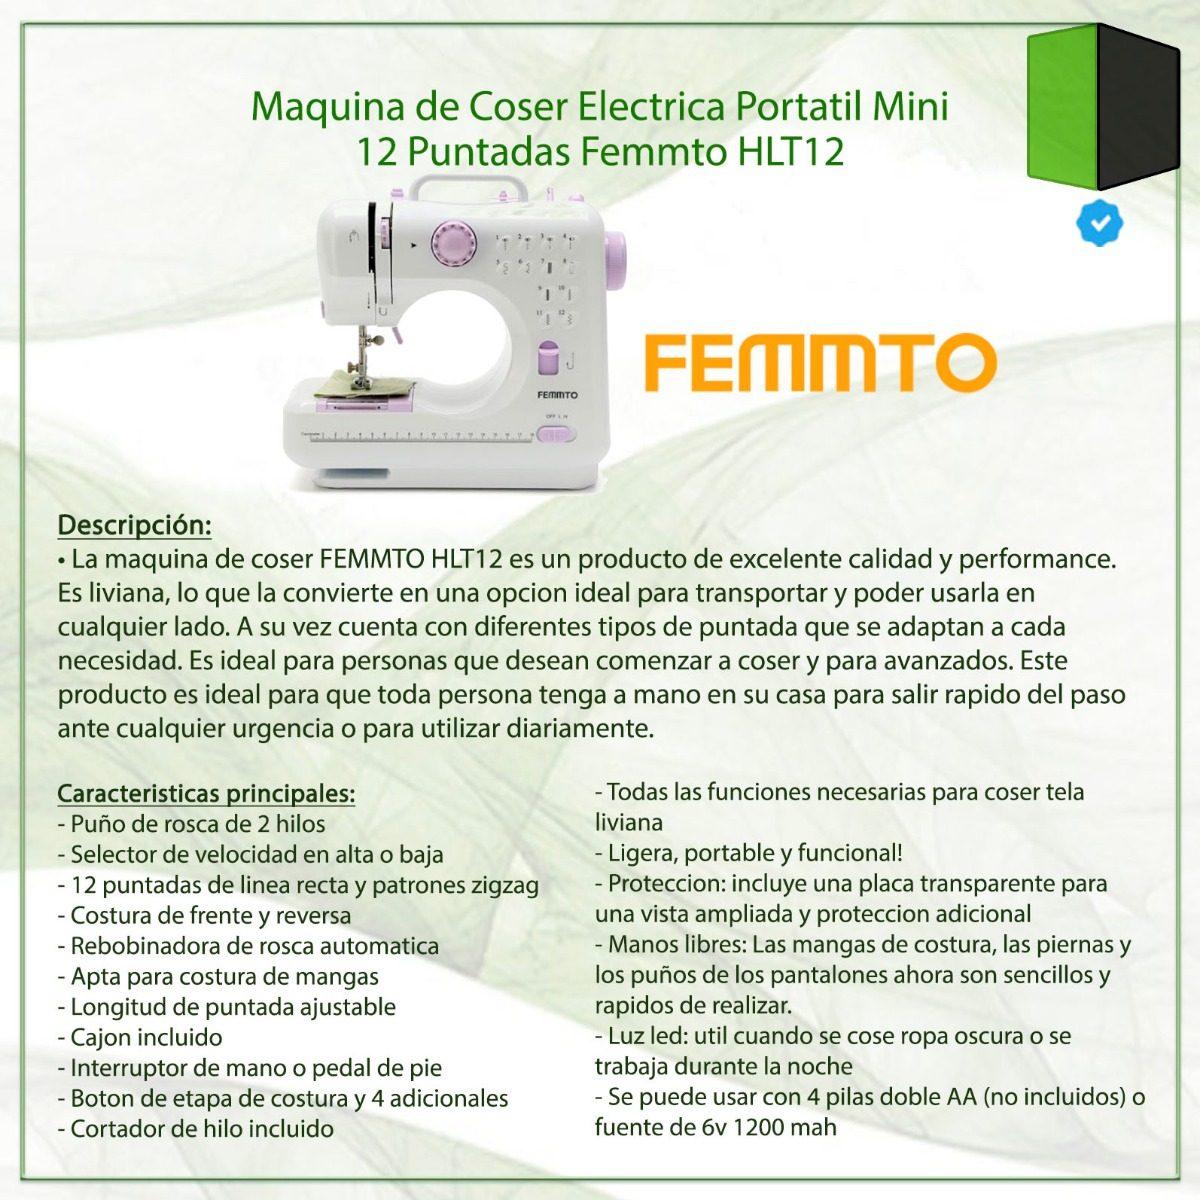 Maquina De Coser Electrica Femmto Hlt12 Portatil 12 Puntadas ...